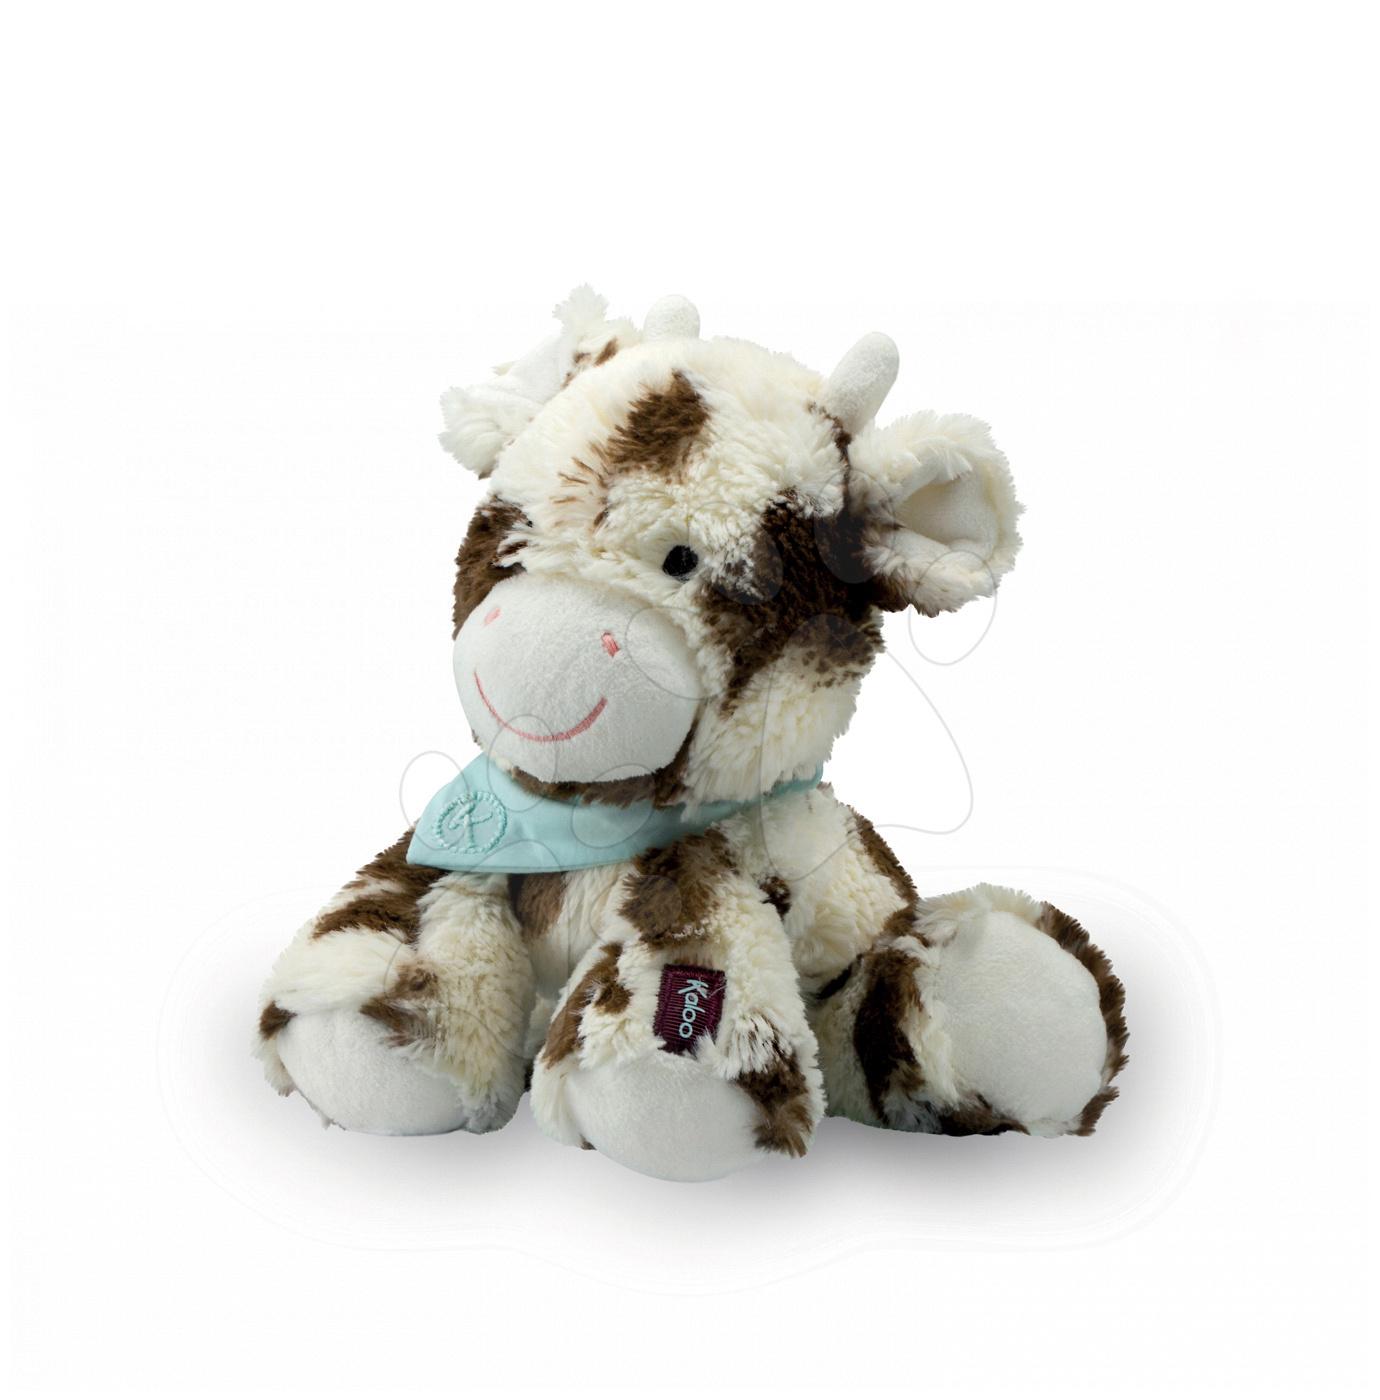 Plyšové zvieratká - Plyšová kravička Milky Les Amis-Vache Kaloo 25 cm v darčekovom balení pre najmenších